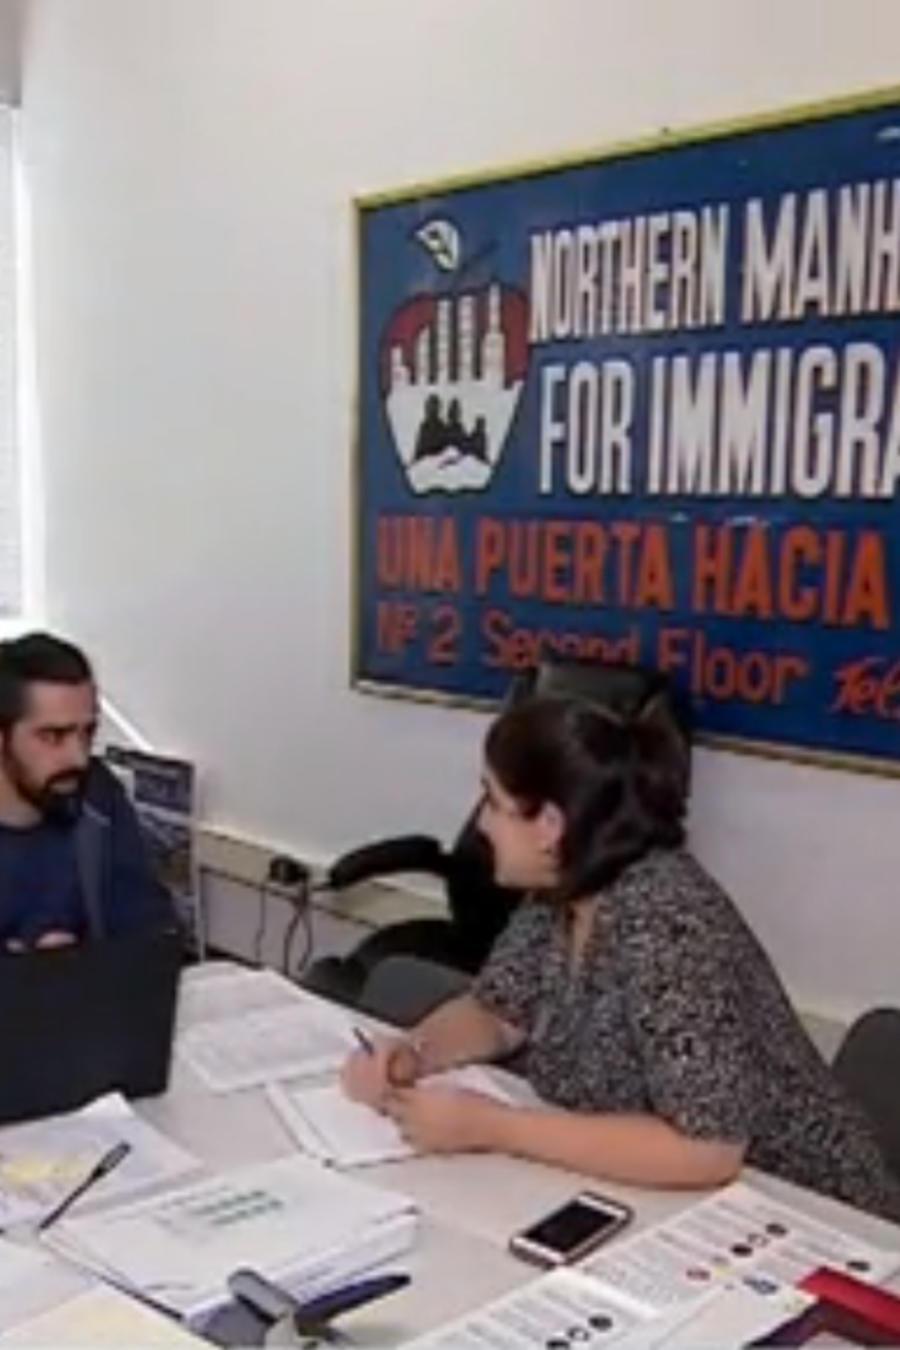 Oficina de activistas a favor de los inmigrantes en EEUU.